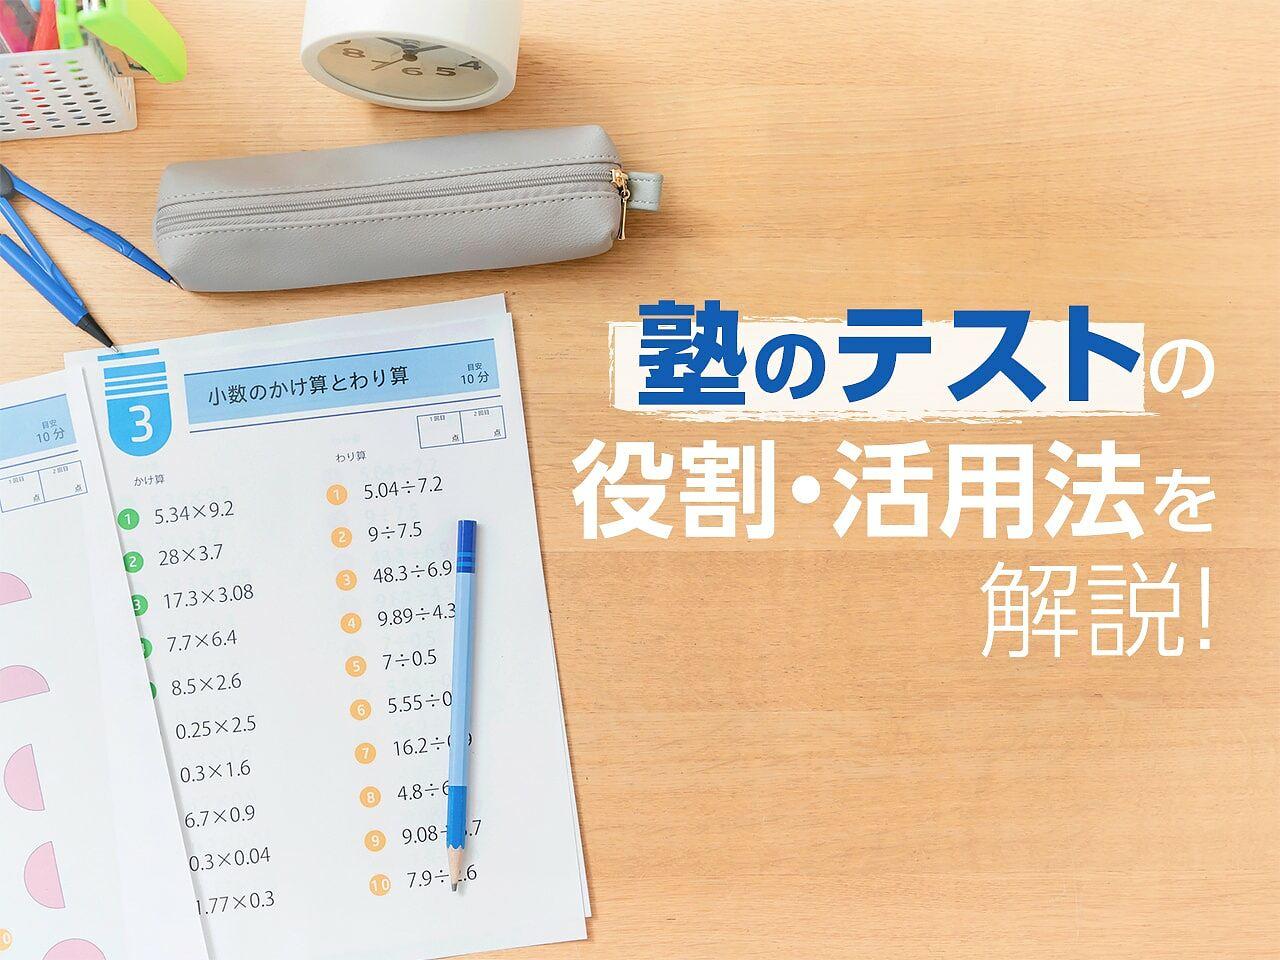 塾のテストは成績アップのカギ! 塾内テストと全国テストの役割を解説の画像